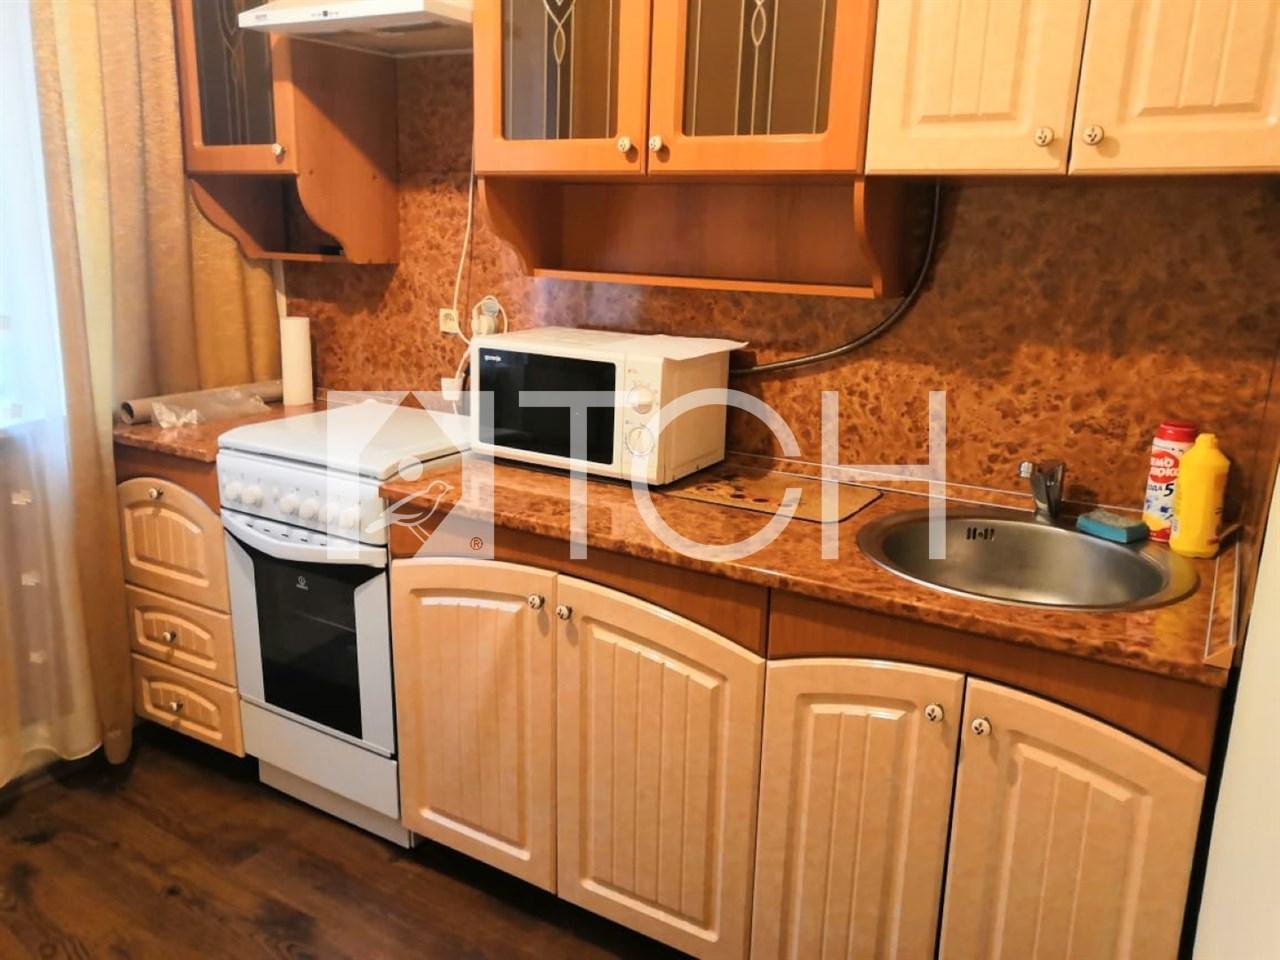 Квартира, 2 комнаты, 44 м² в Ивантеевке 89261425000 купить 1